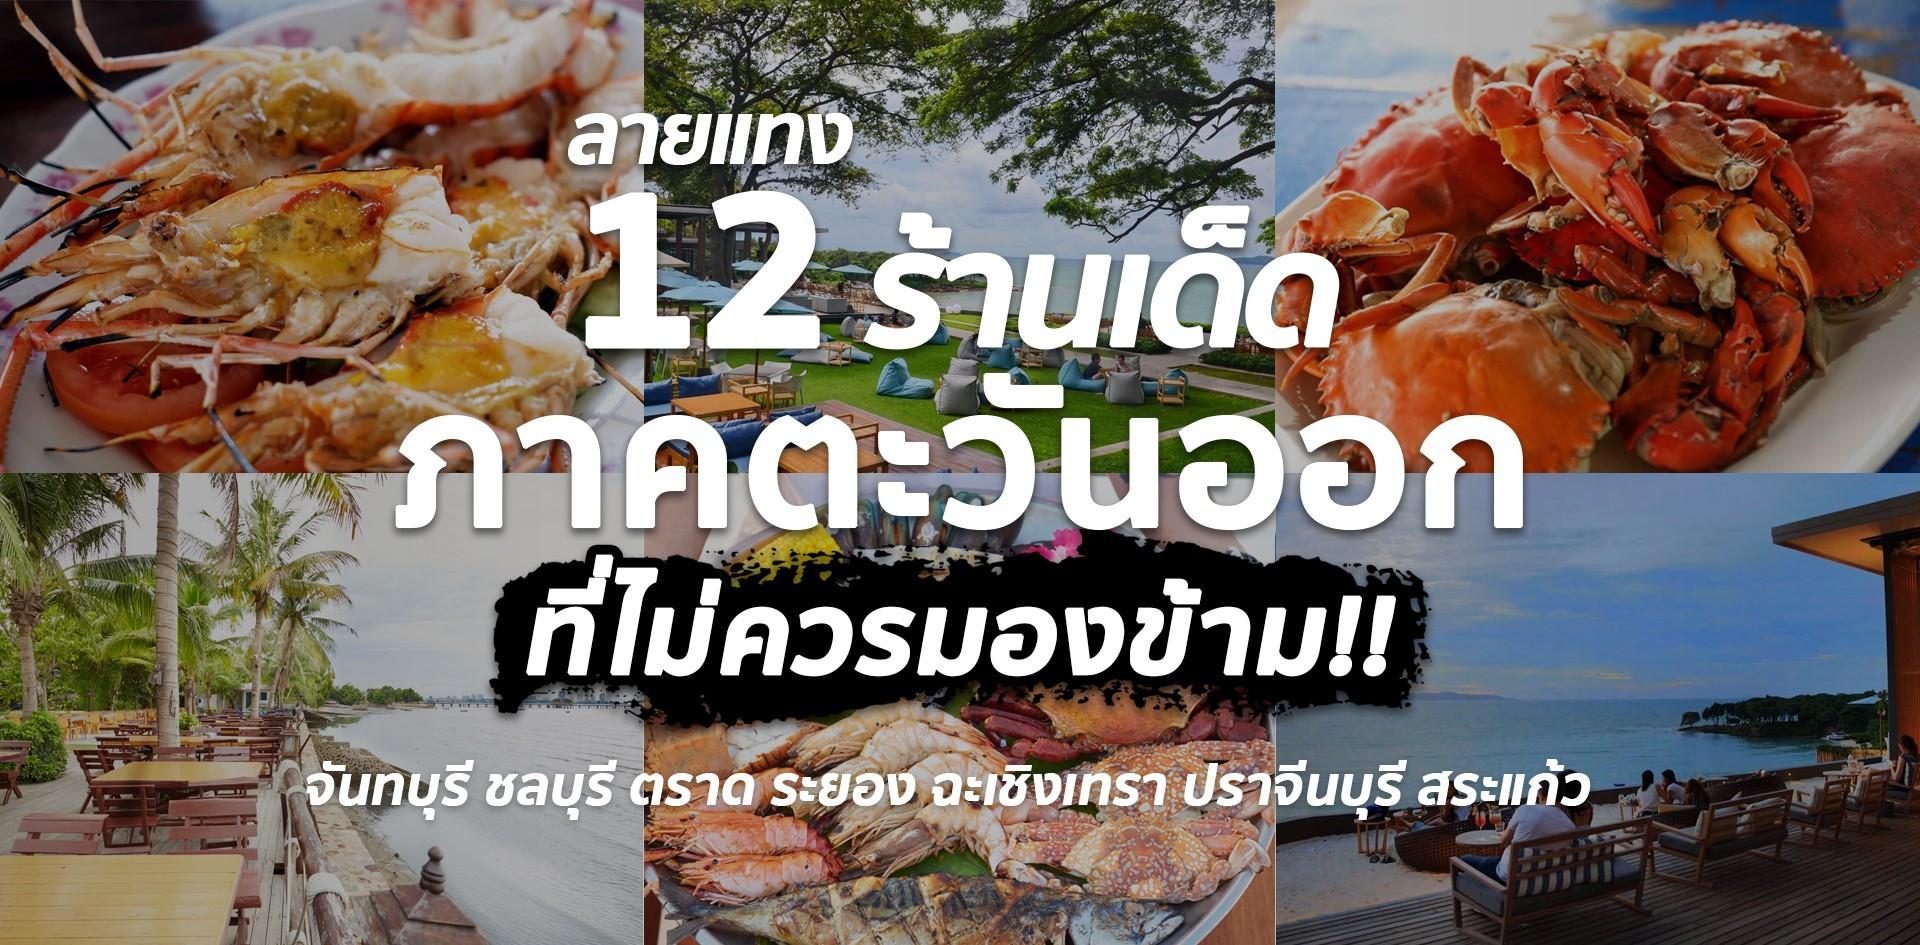 12 ร้านอาหารภาคตะวันออกเจ้าเด็ด ที่ไม่ควรมองข้าม!